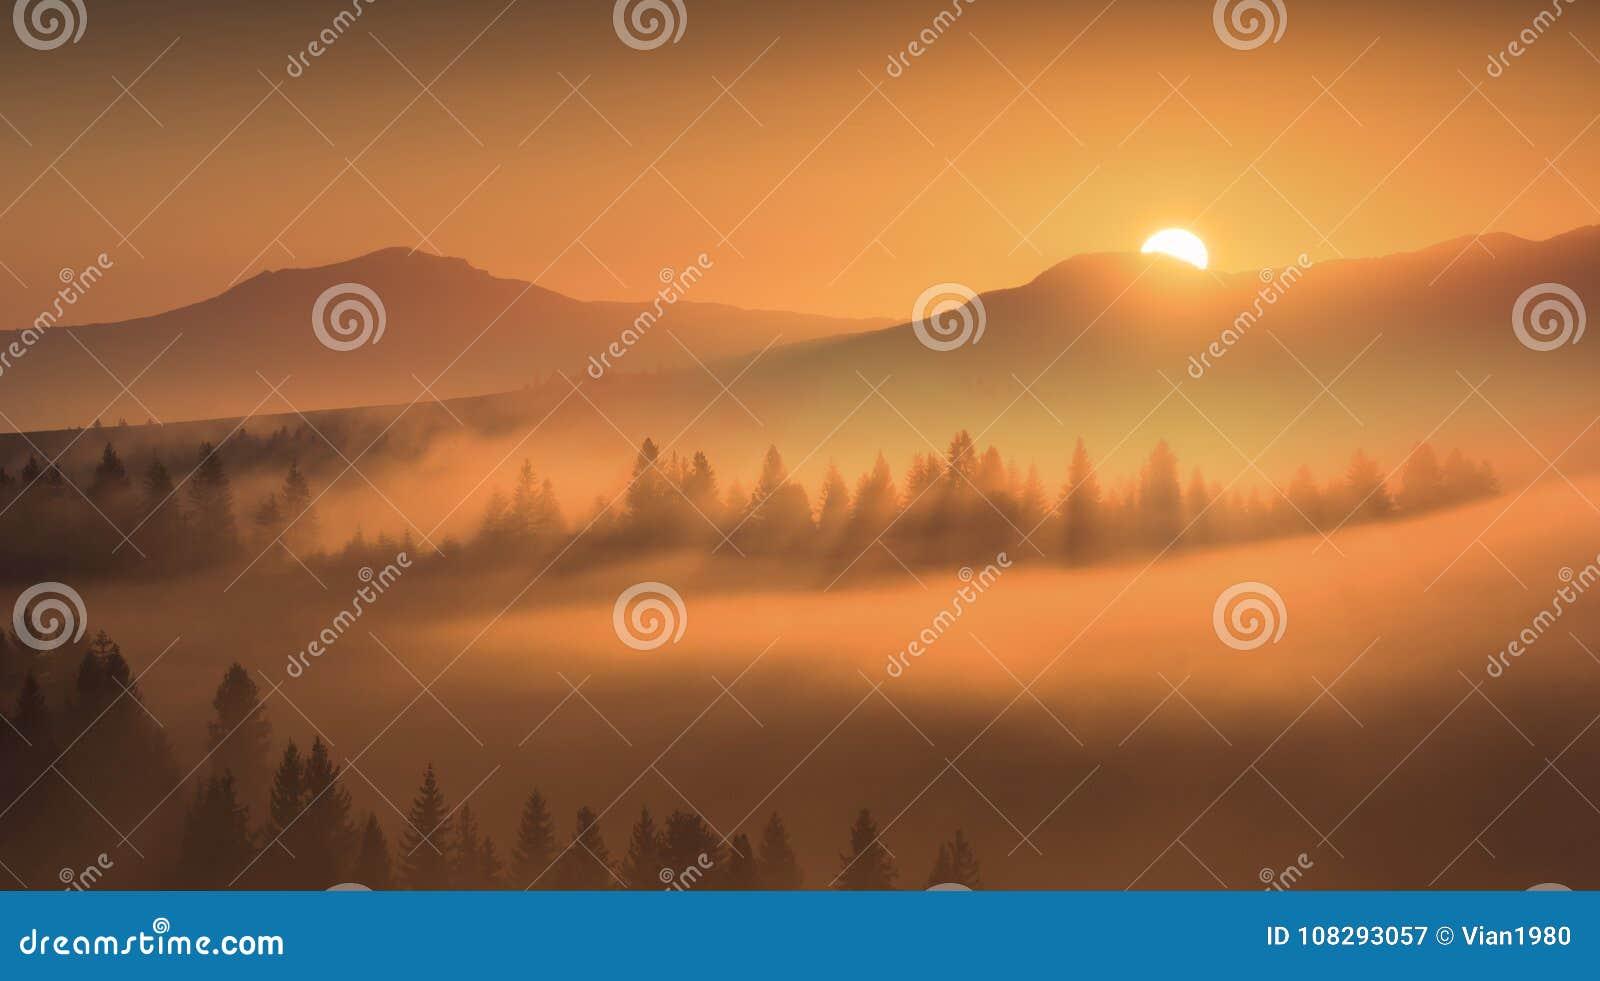 朝阳第一金黄光芒